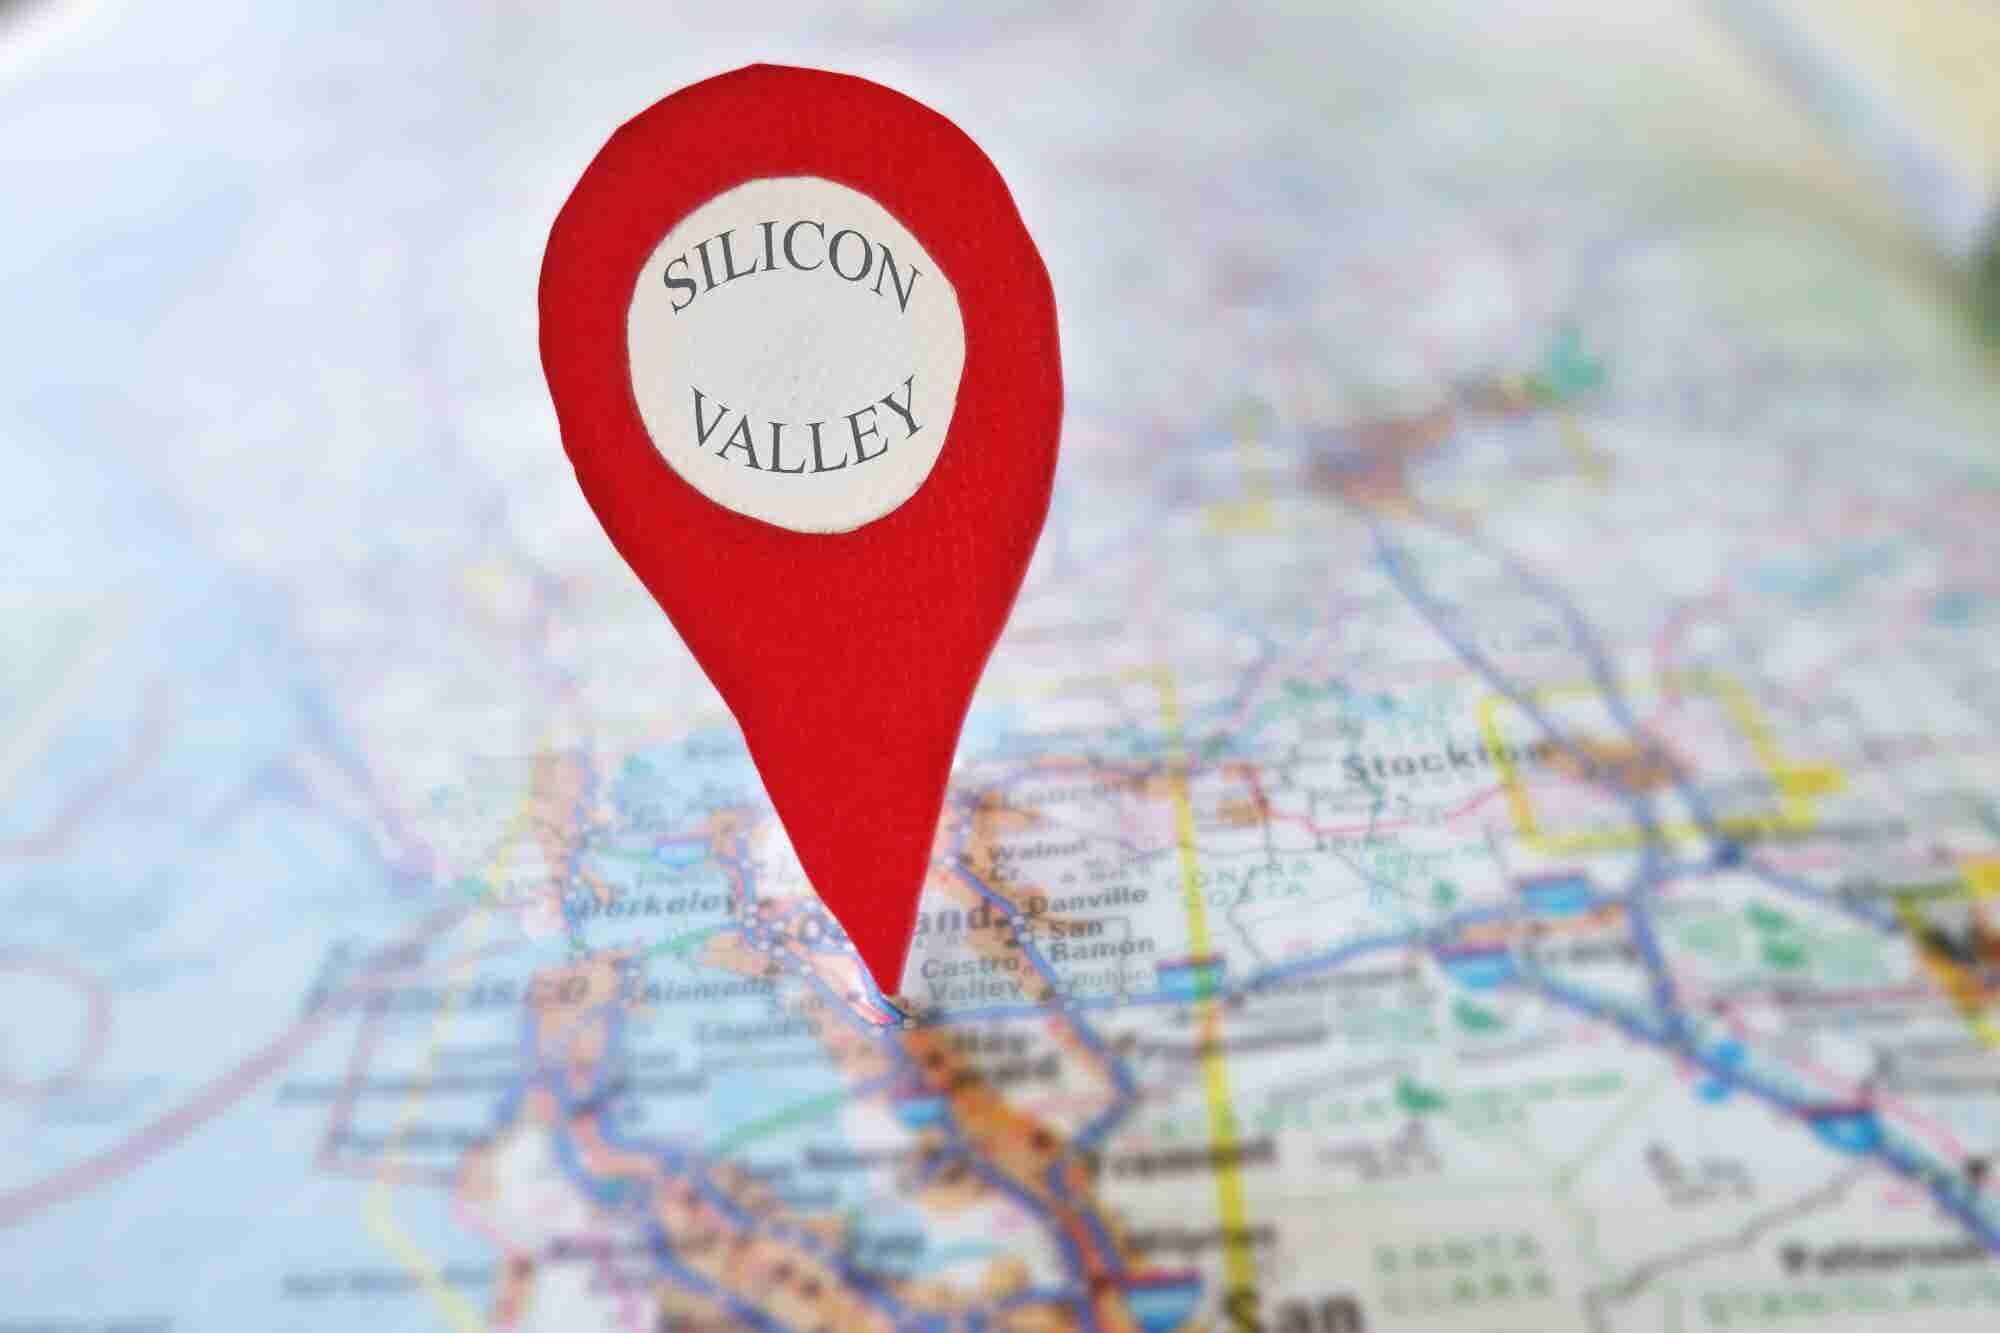 ¿Por qué la gente se está saliendo de Silicon Valley?